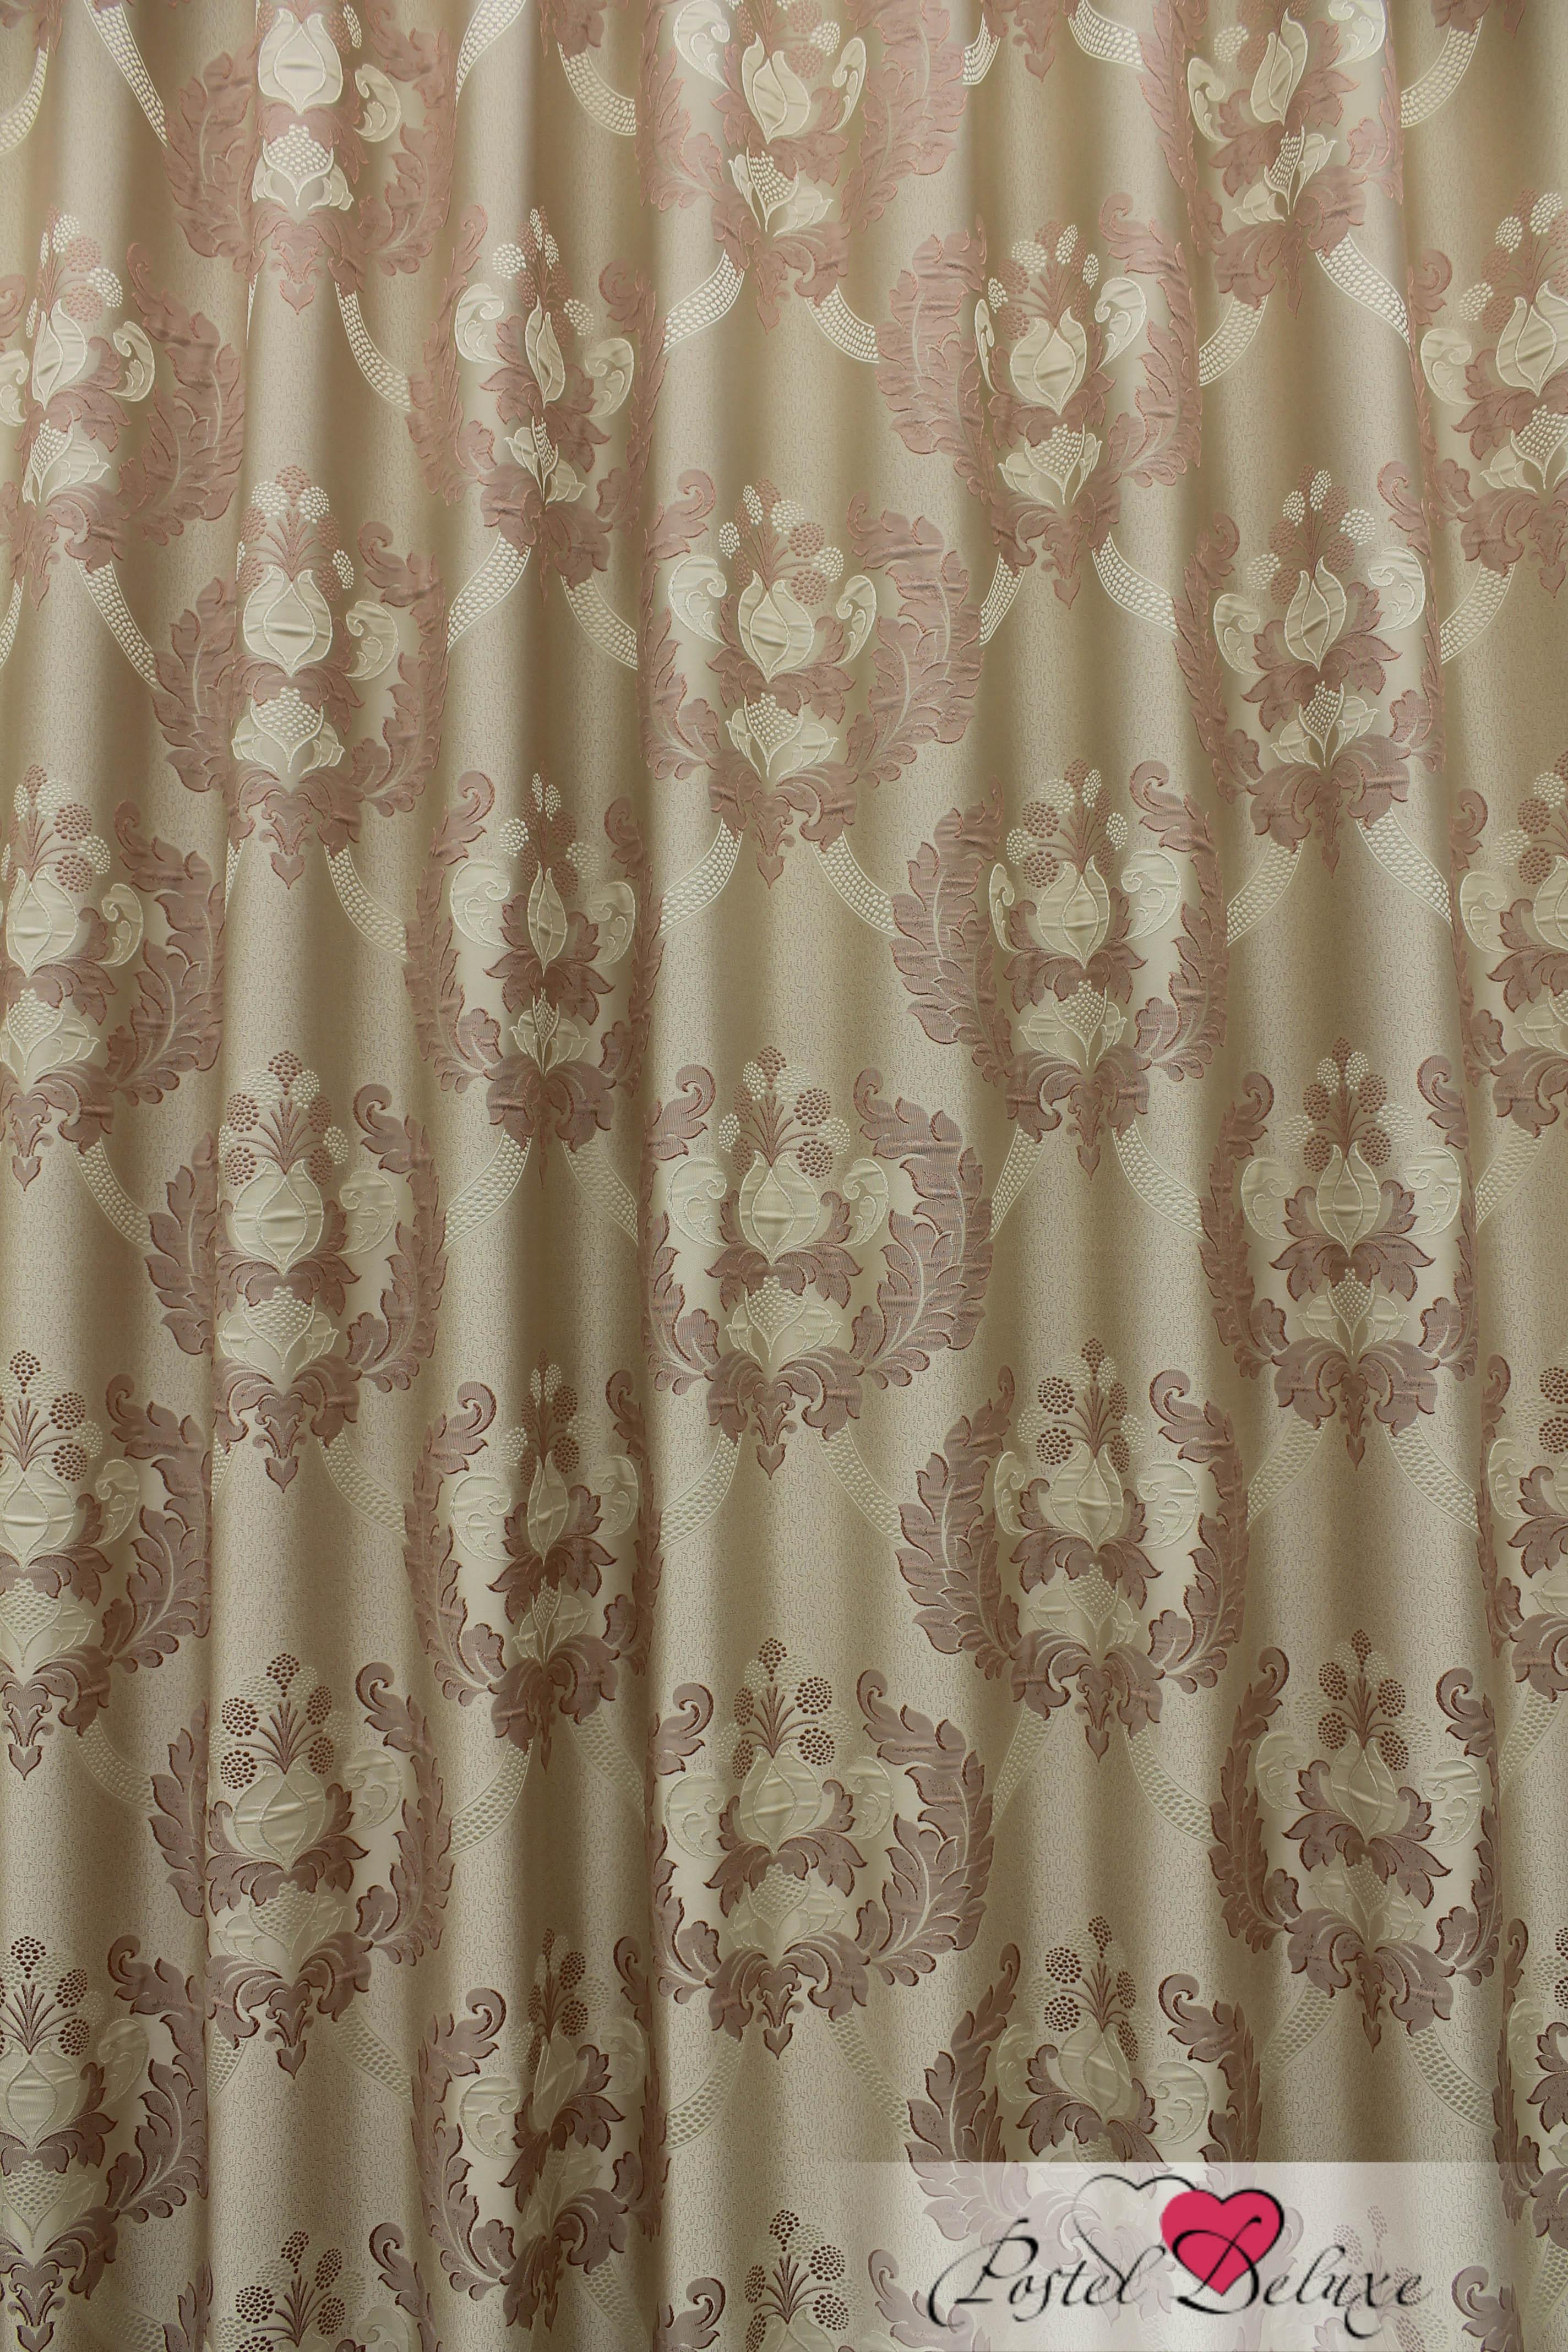 Шторы Sanpa Классические шторы Силвана Цвет: Розовый шторы tac классические шторы глянец цвет портьер розовый цвет тюля белый с бежевой полоской